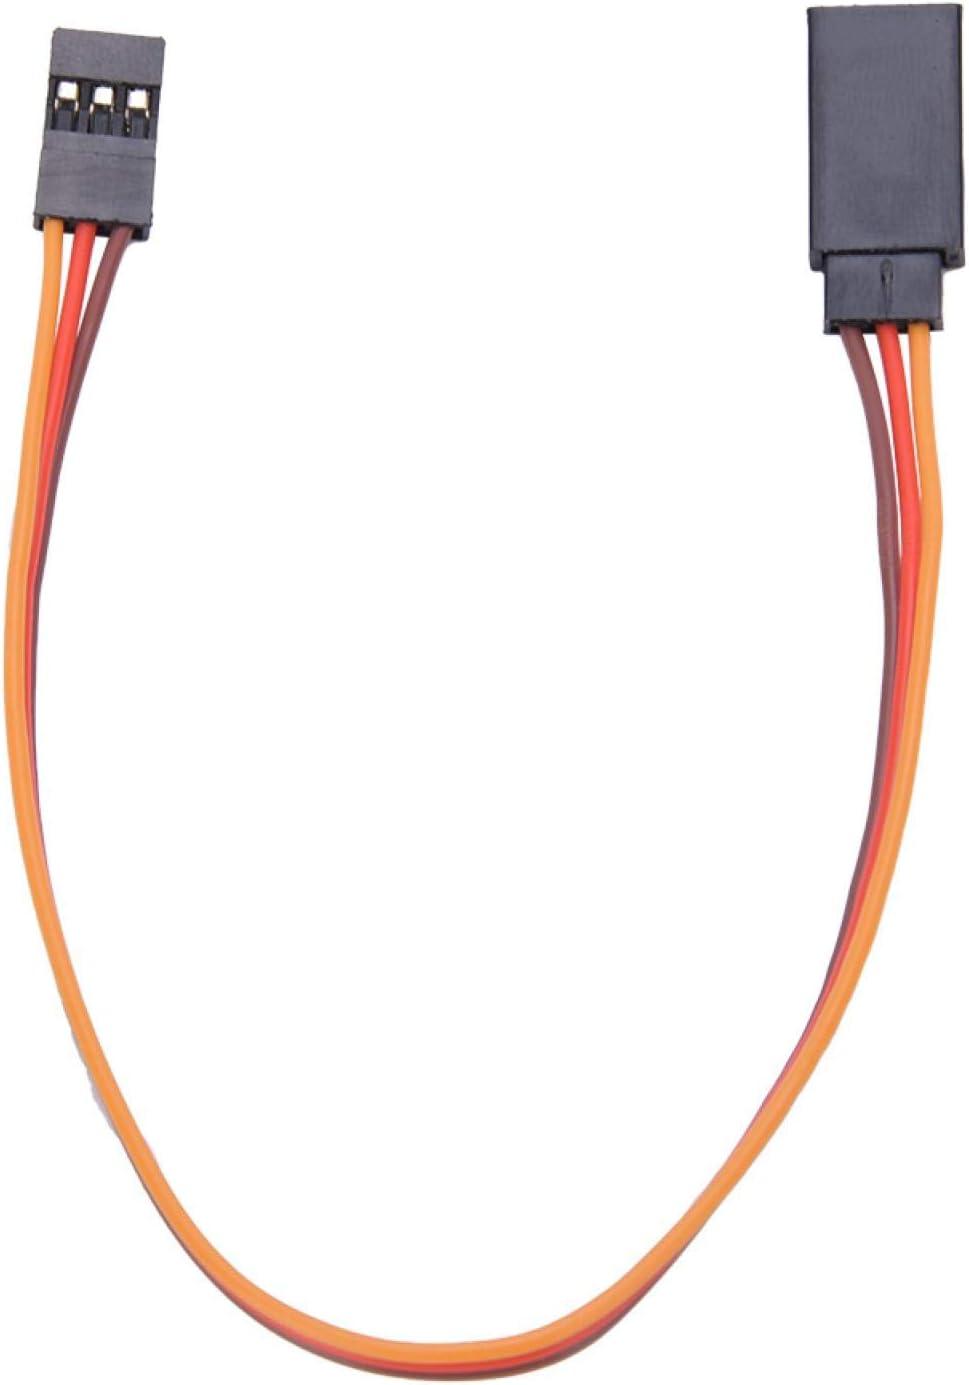 Cable de Cable de Cable de Extensi/ón Servo de Control Remoto JR para RC Futaba Cable de Extensi/ón Servo Macho a Hembra de 10 piezas 500mm